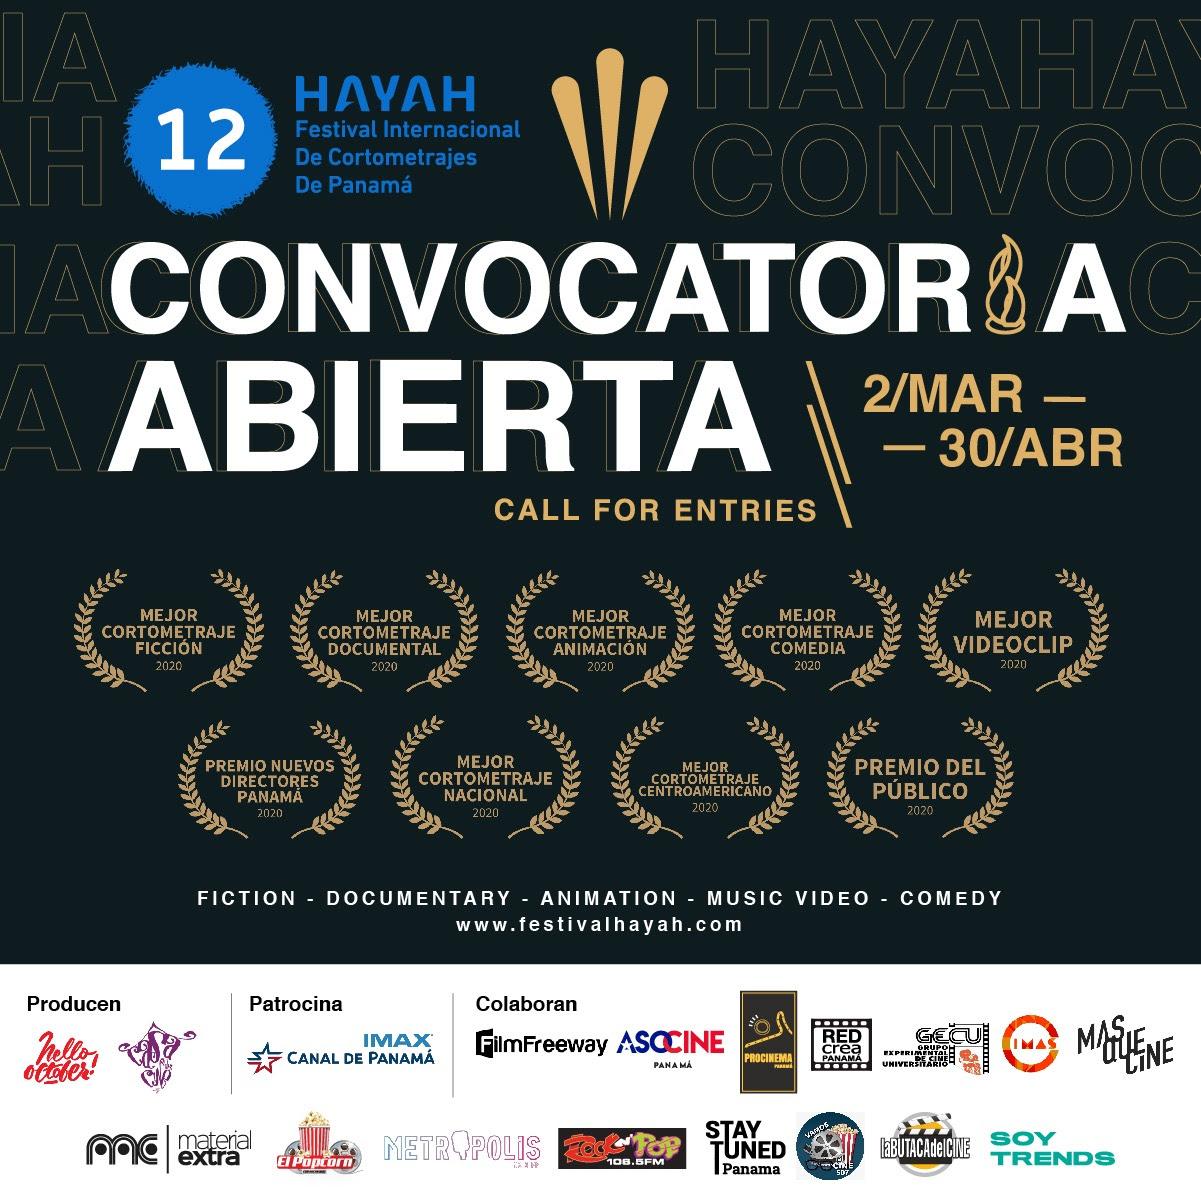 12vo Hayah Festival Internacional de Cortometrajes de Panamá.